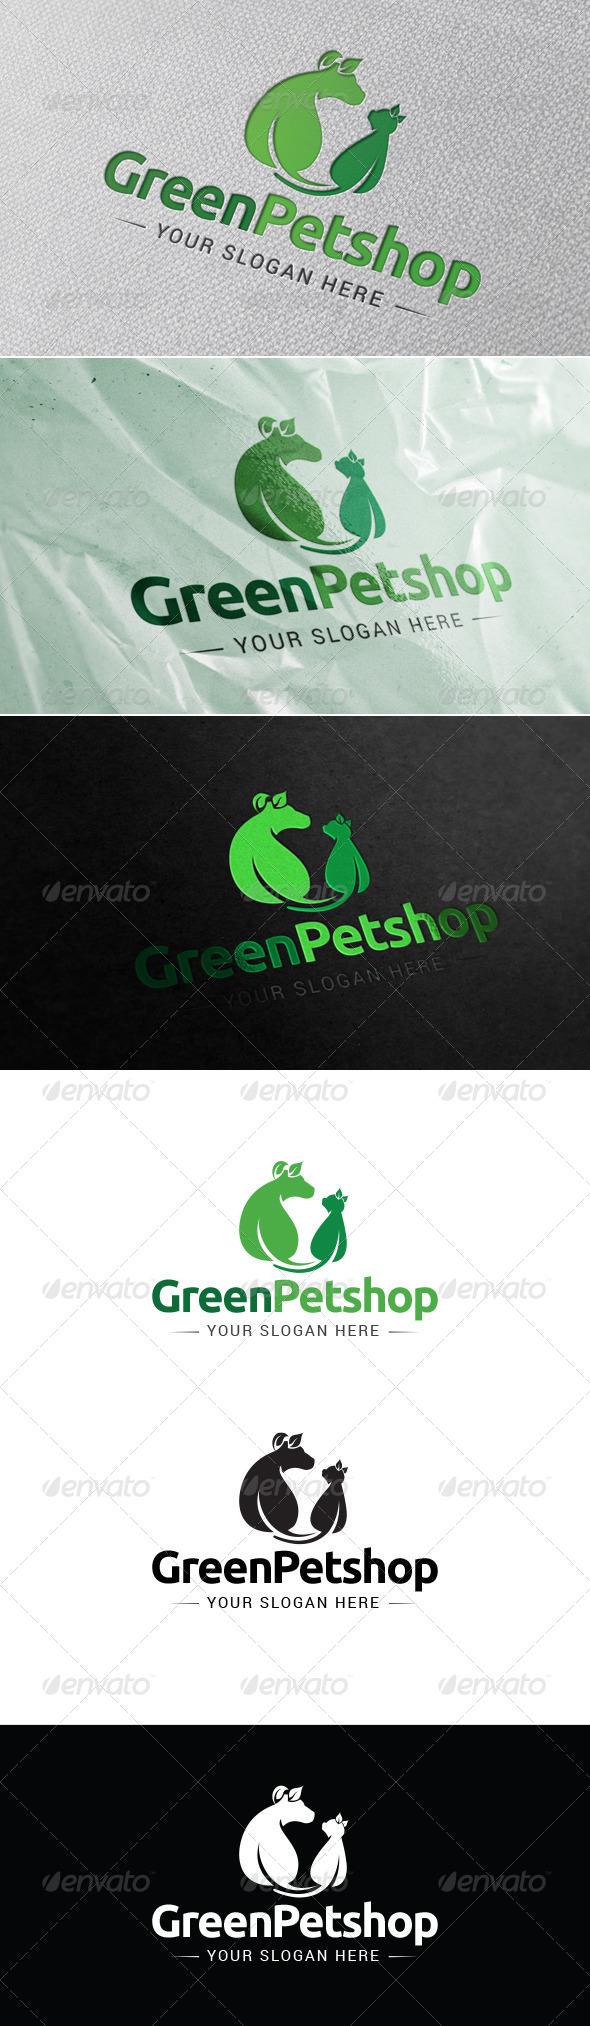 GraphicRiver Green Petshop Logo Template 7158459